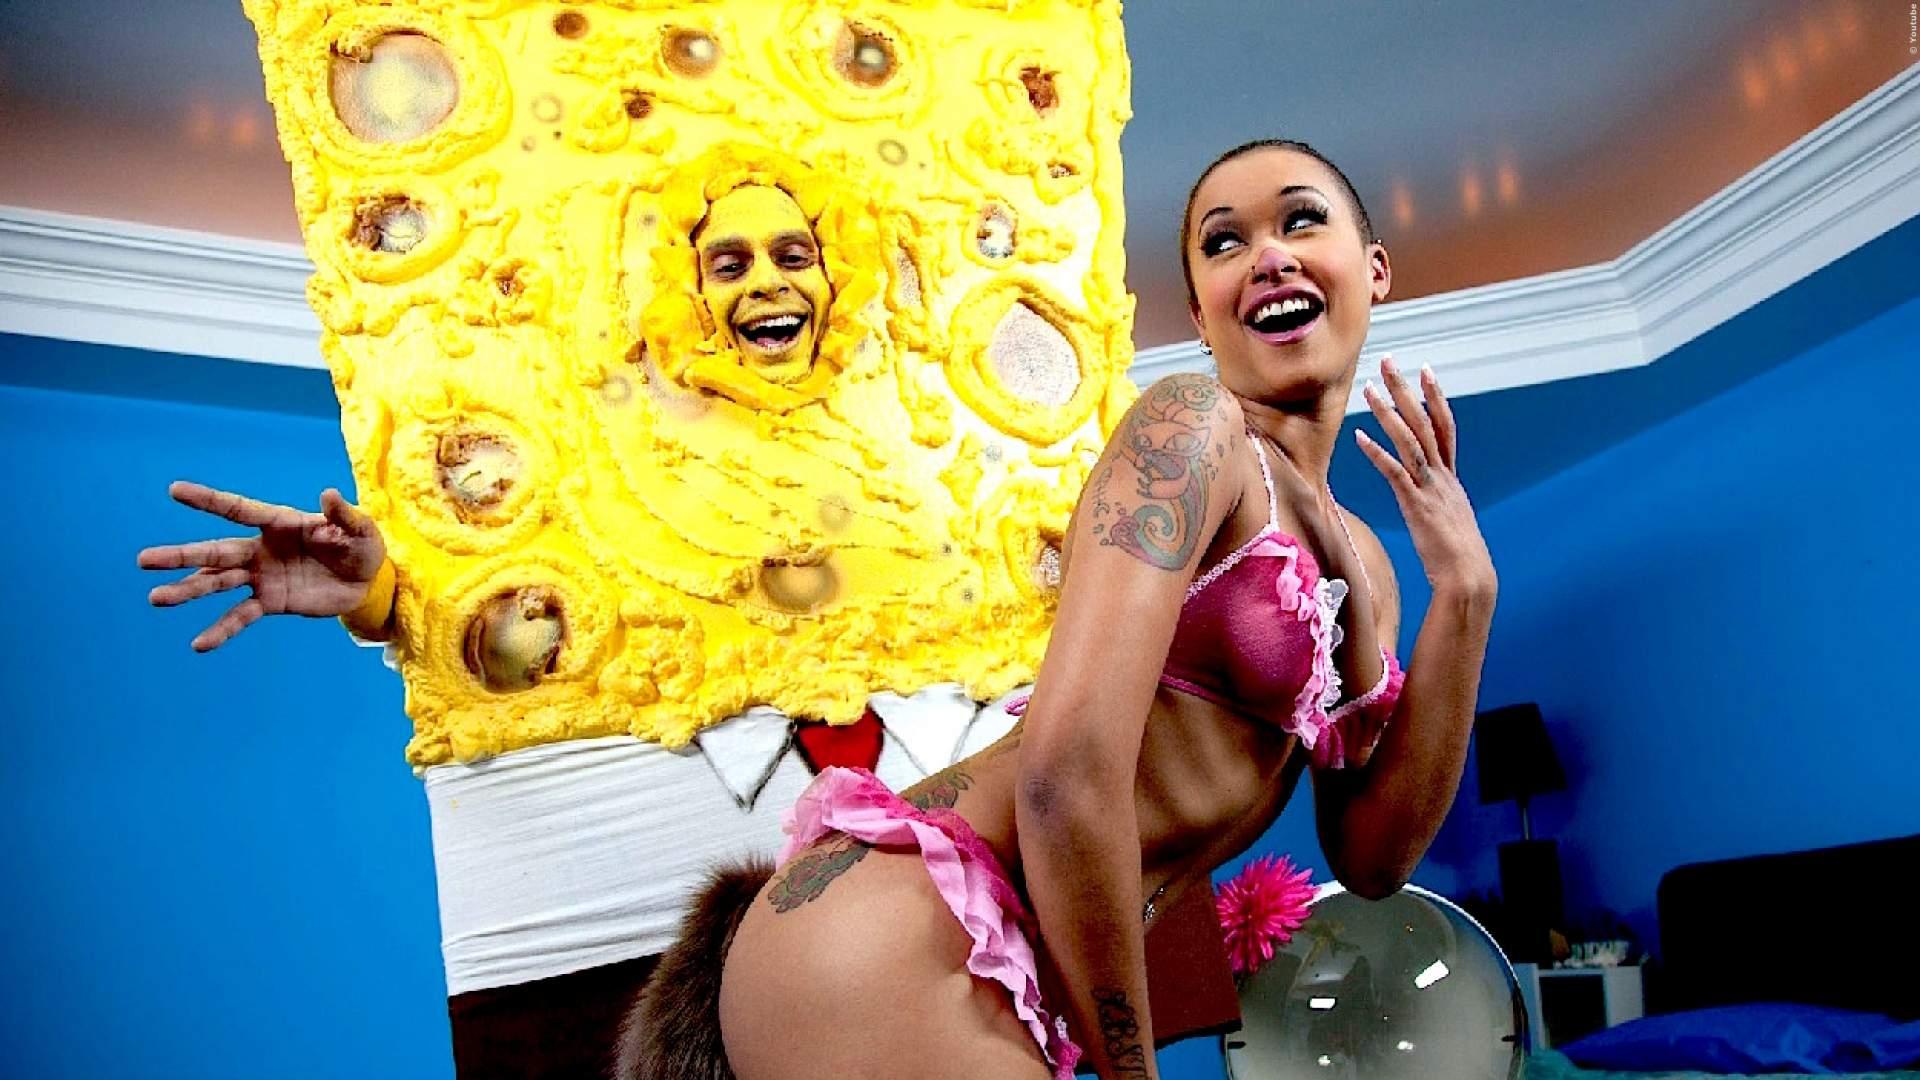 VIDEO: Trailer zur 'Spongebob' Porno Parodie! Unfassbar lustig!